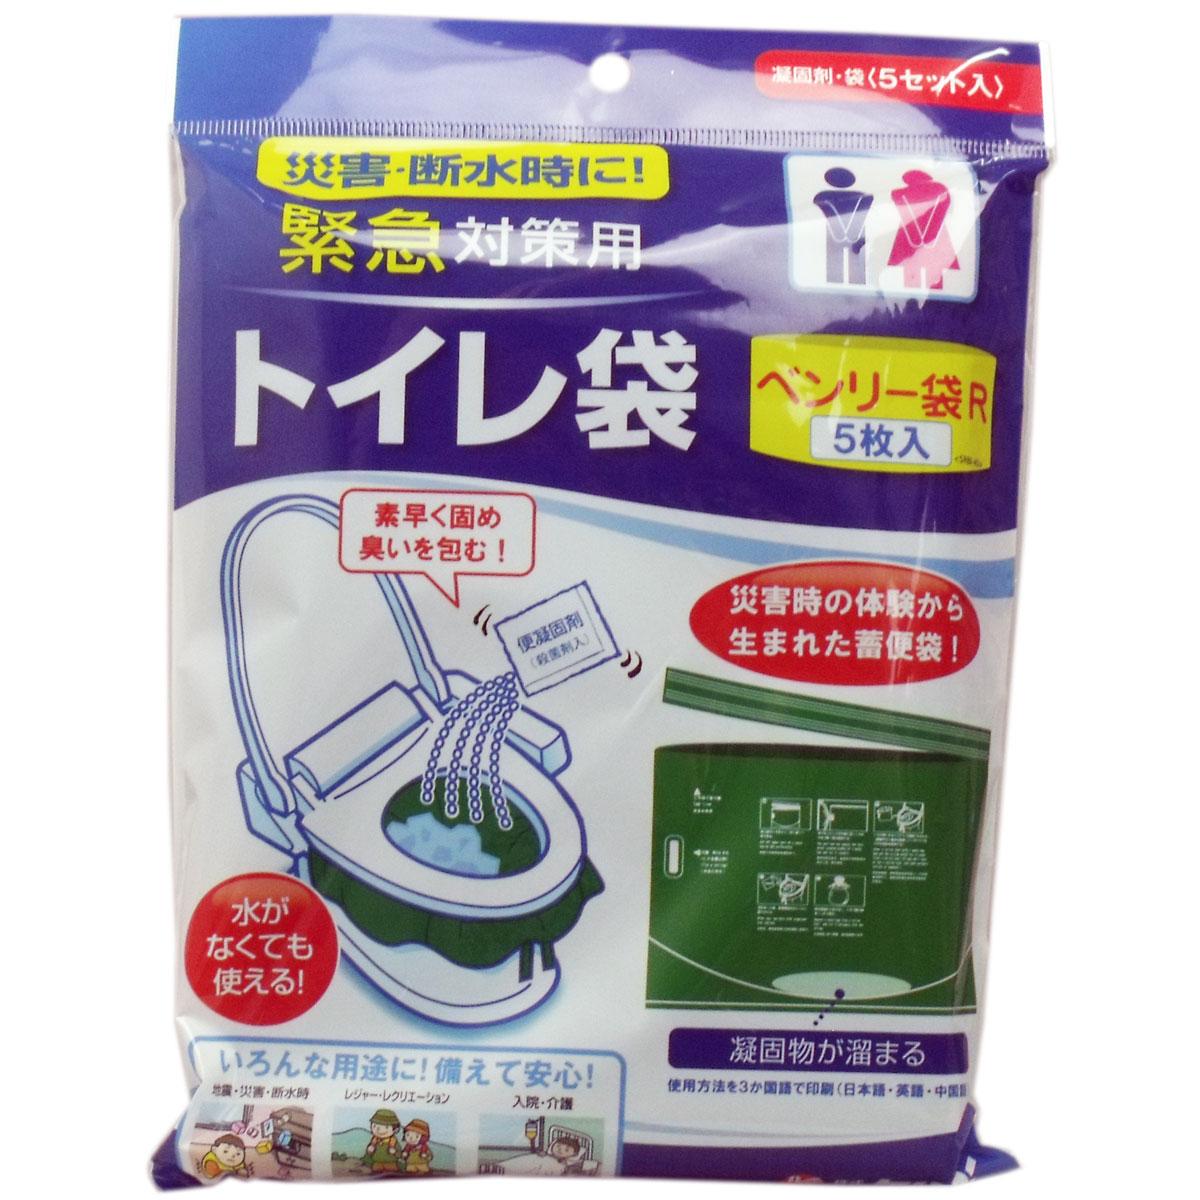 緊急対策用 トイレ袋 ベンリー袋R 5枚入 5RBI-40